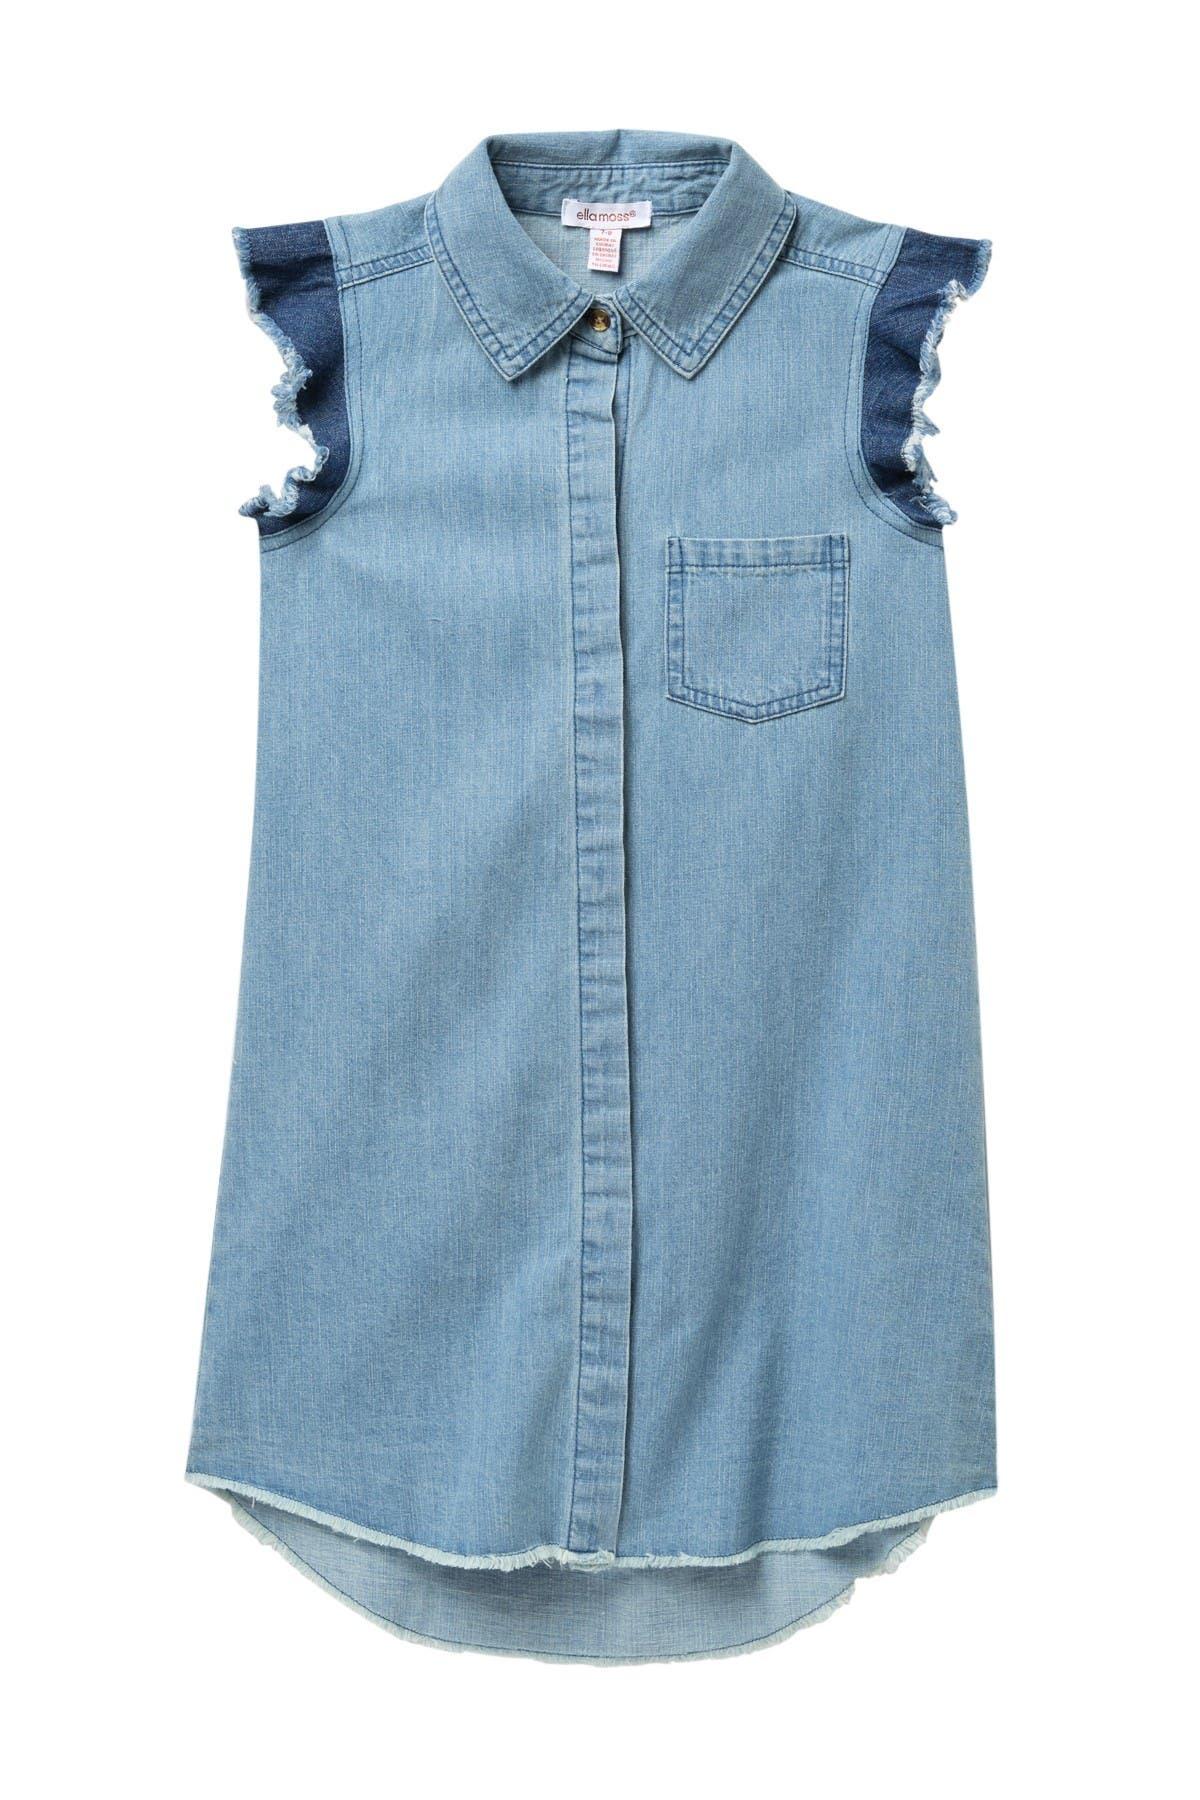 Image of Ella Moss Flutter Denim Shirt Dress